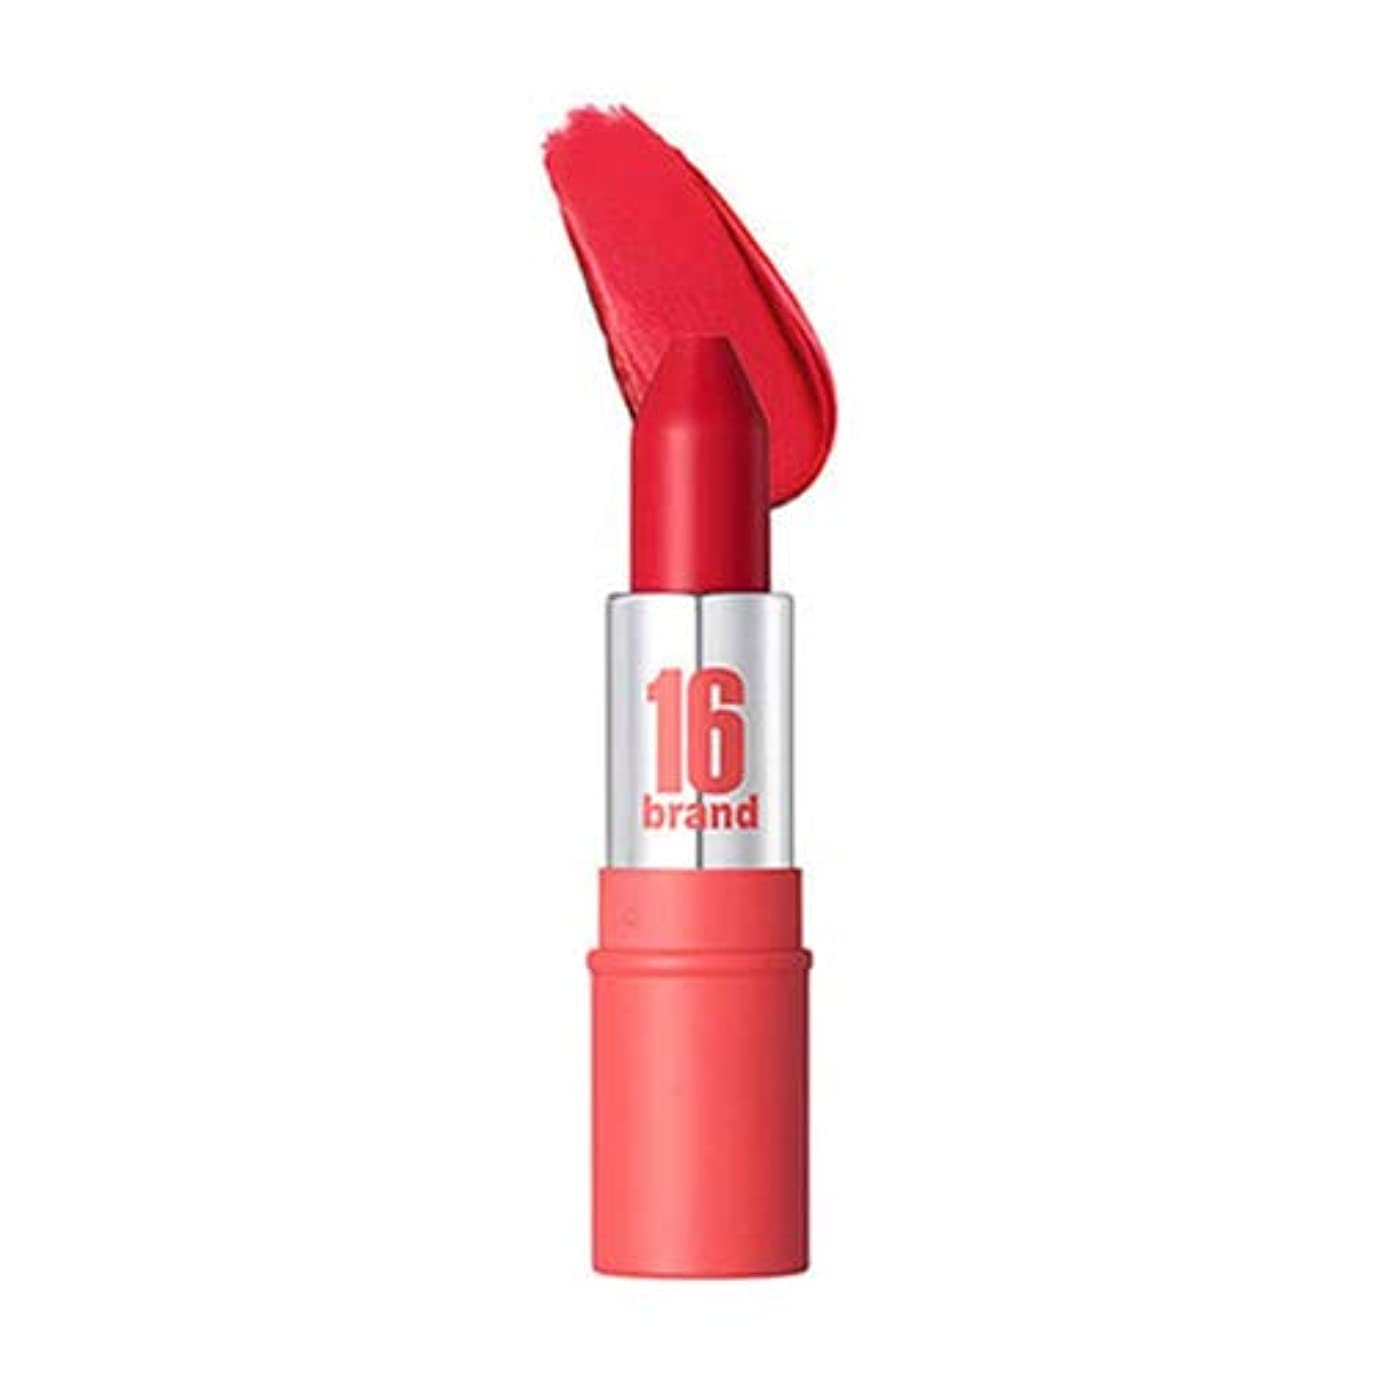 ストラトフォードオンエイボンスプーン書き出す16brand(シックスティーンブランド) FRUIT-CHU 口紅 レッドベリー(RED BERRY) 3.4g